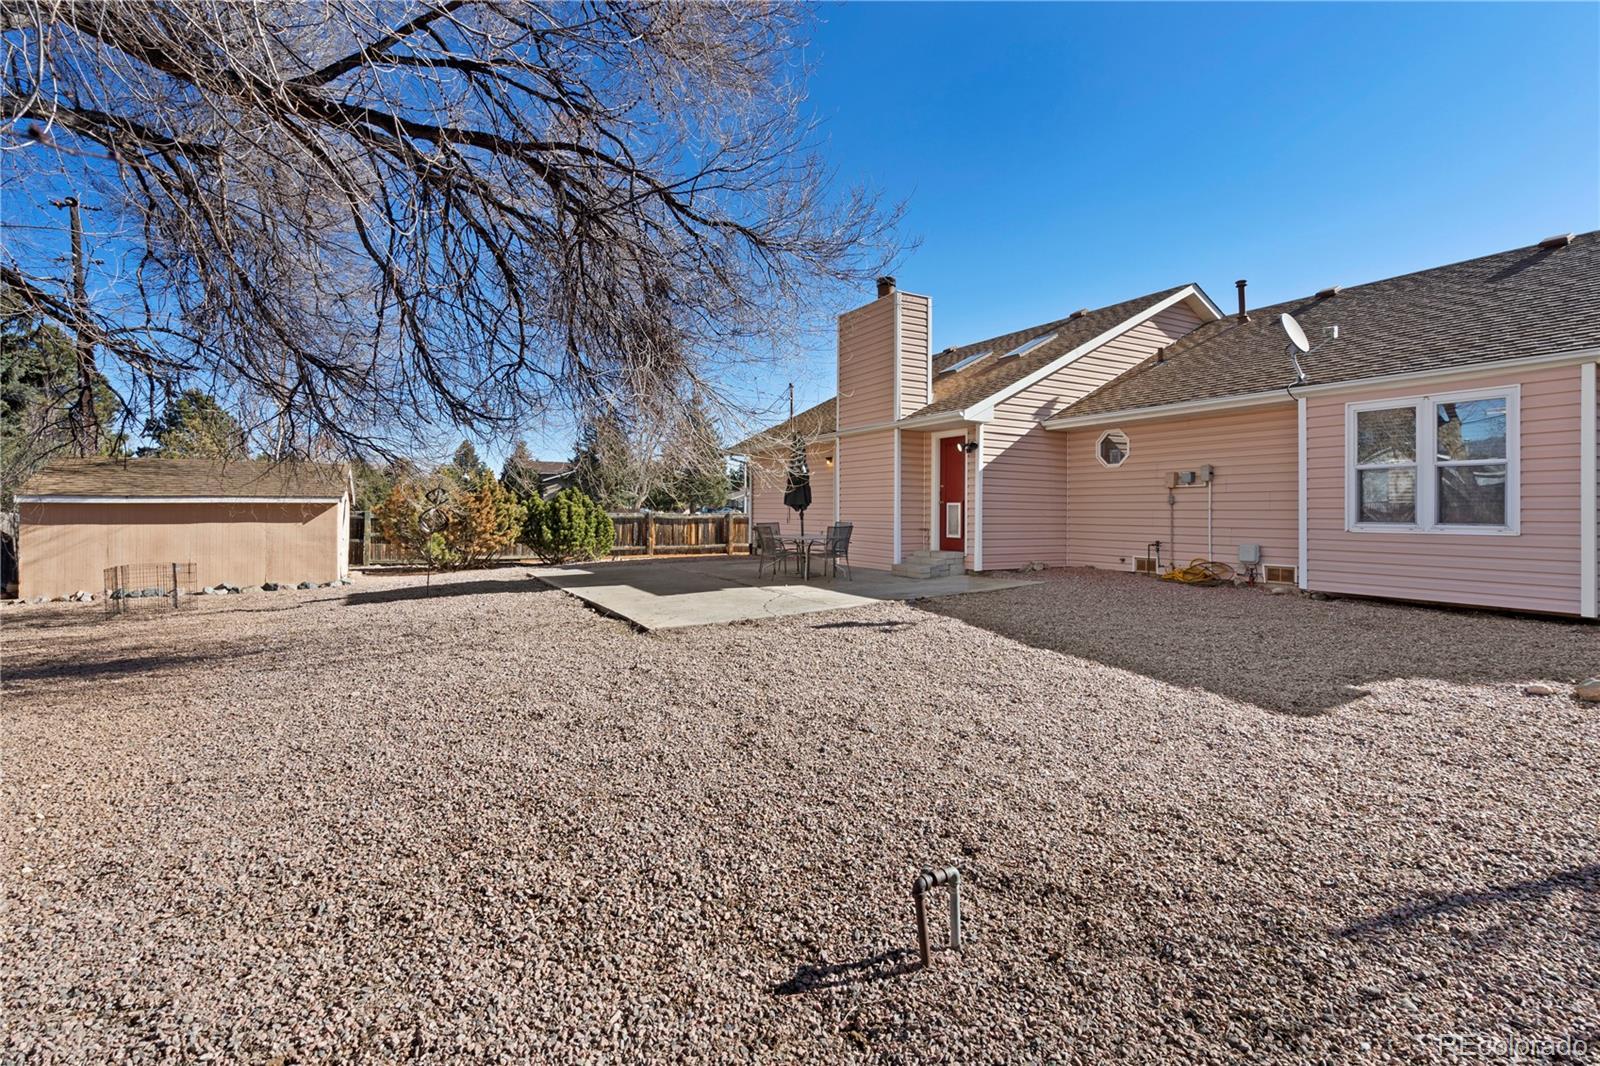 MLS# 1721256 - 23 - 6464 Wicklow Circle, Colorado Springs, CO 80918